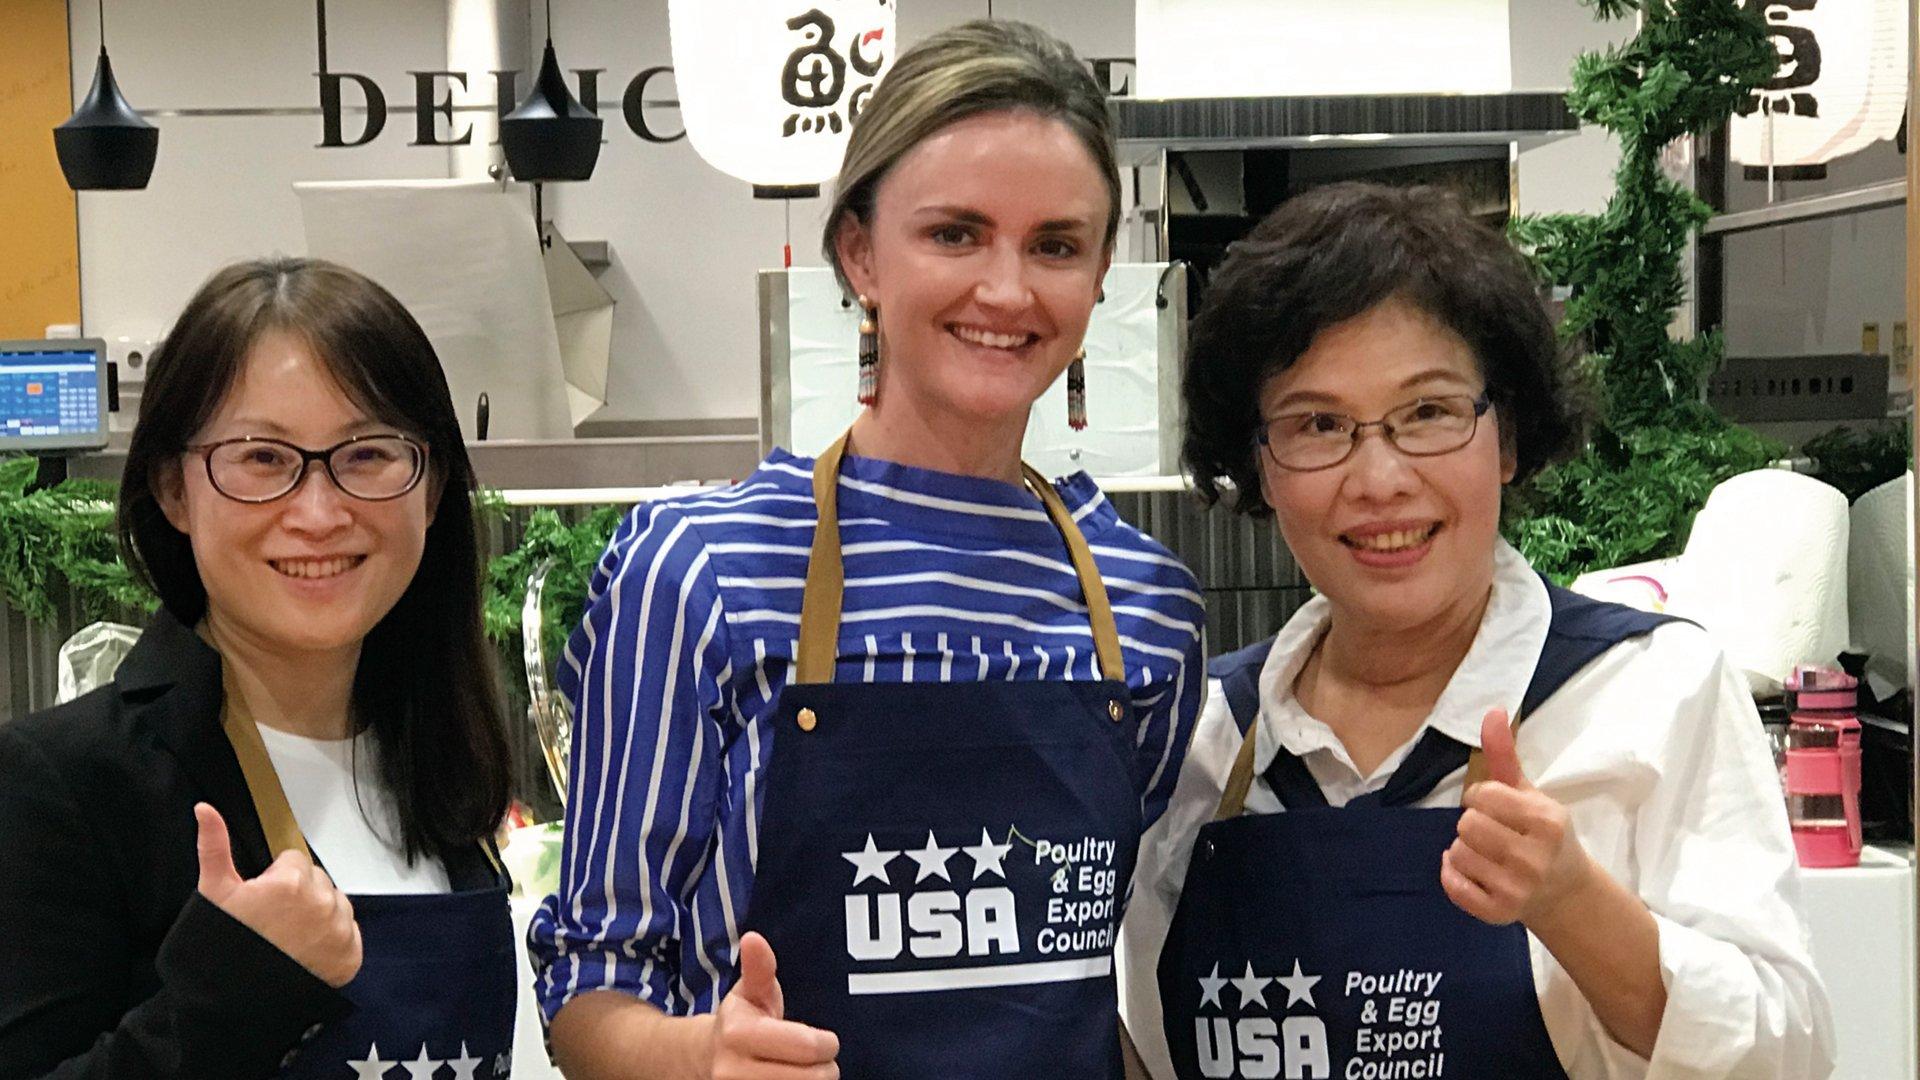 美國家禽蛋品出口協會、美國在台協會農業貿易辦事處與林美慧老師